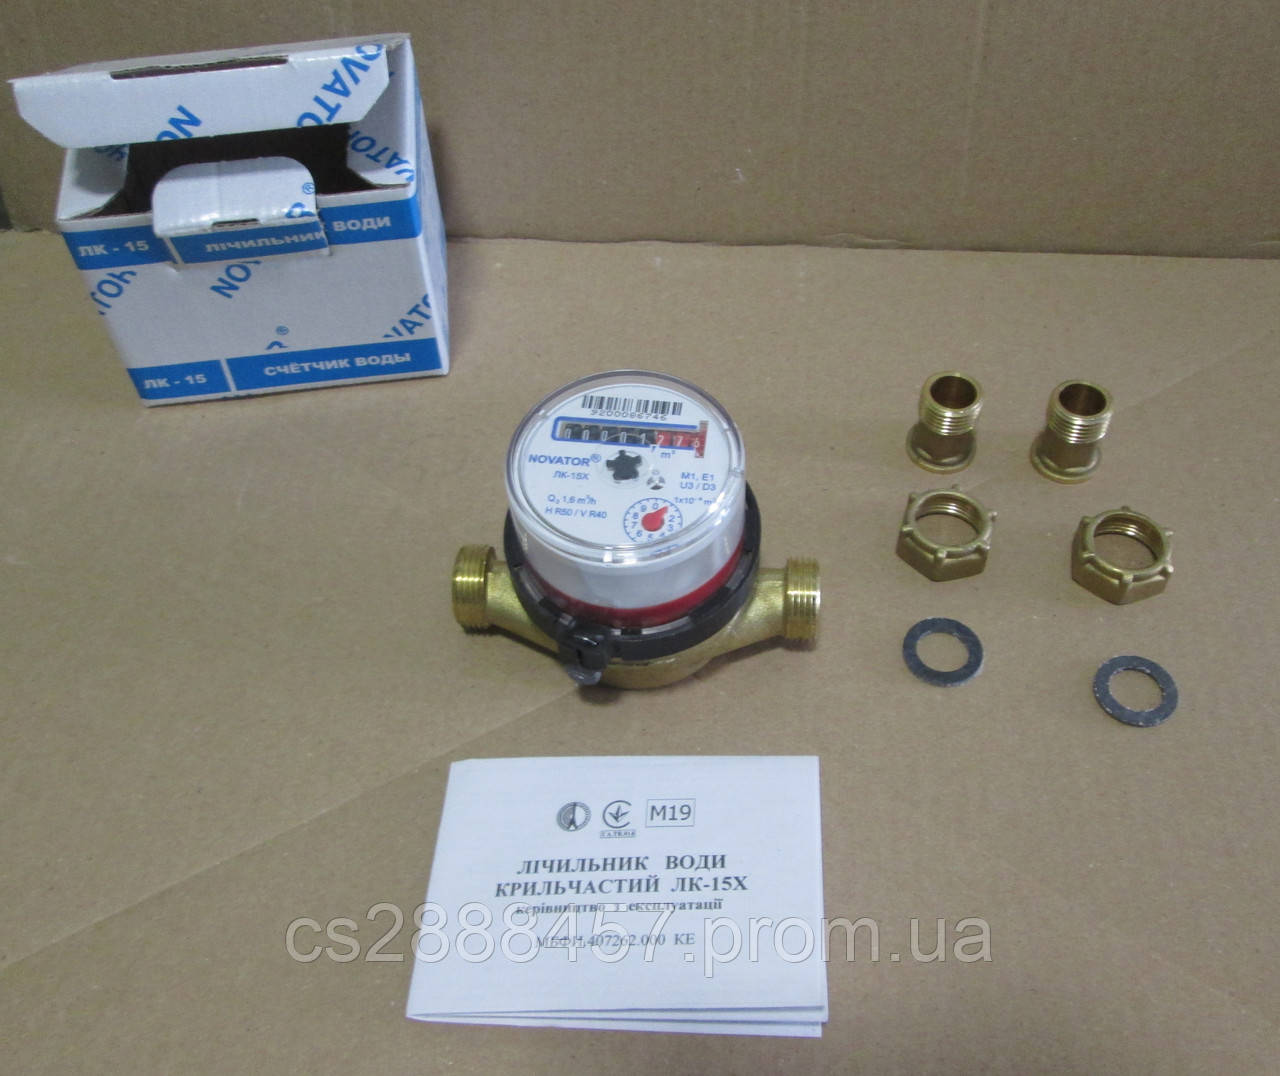 Лічильник для холодної води ЛК-15Х NOVATOR